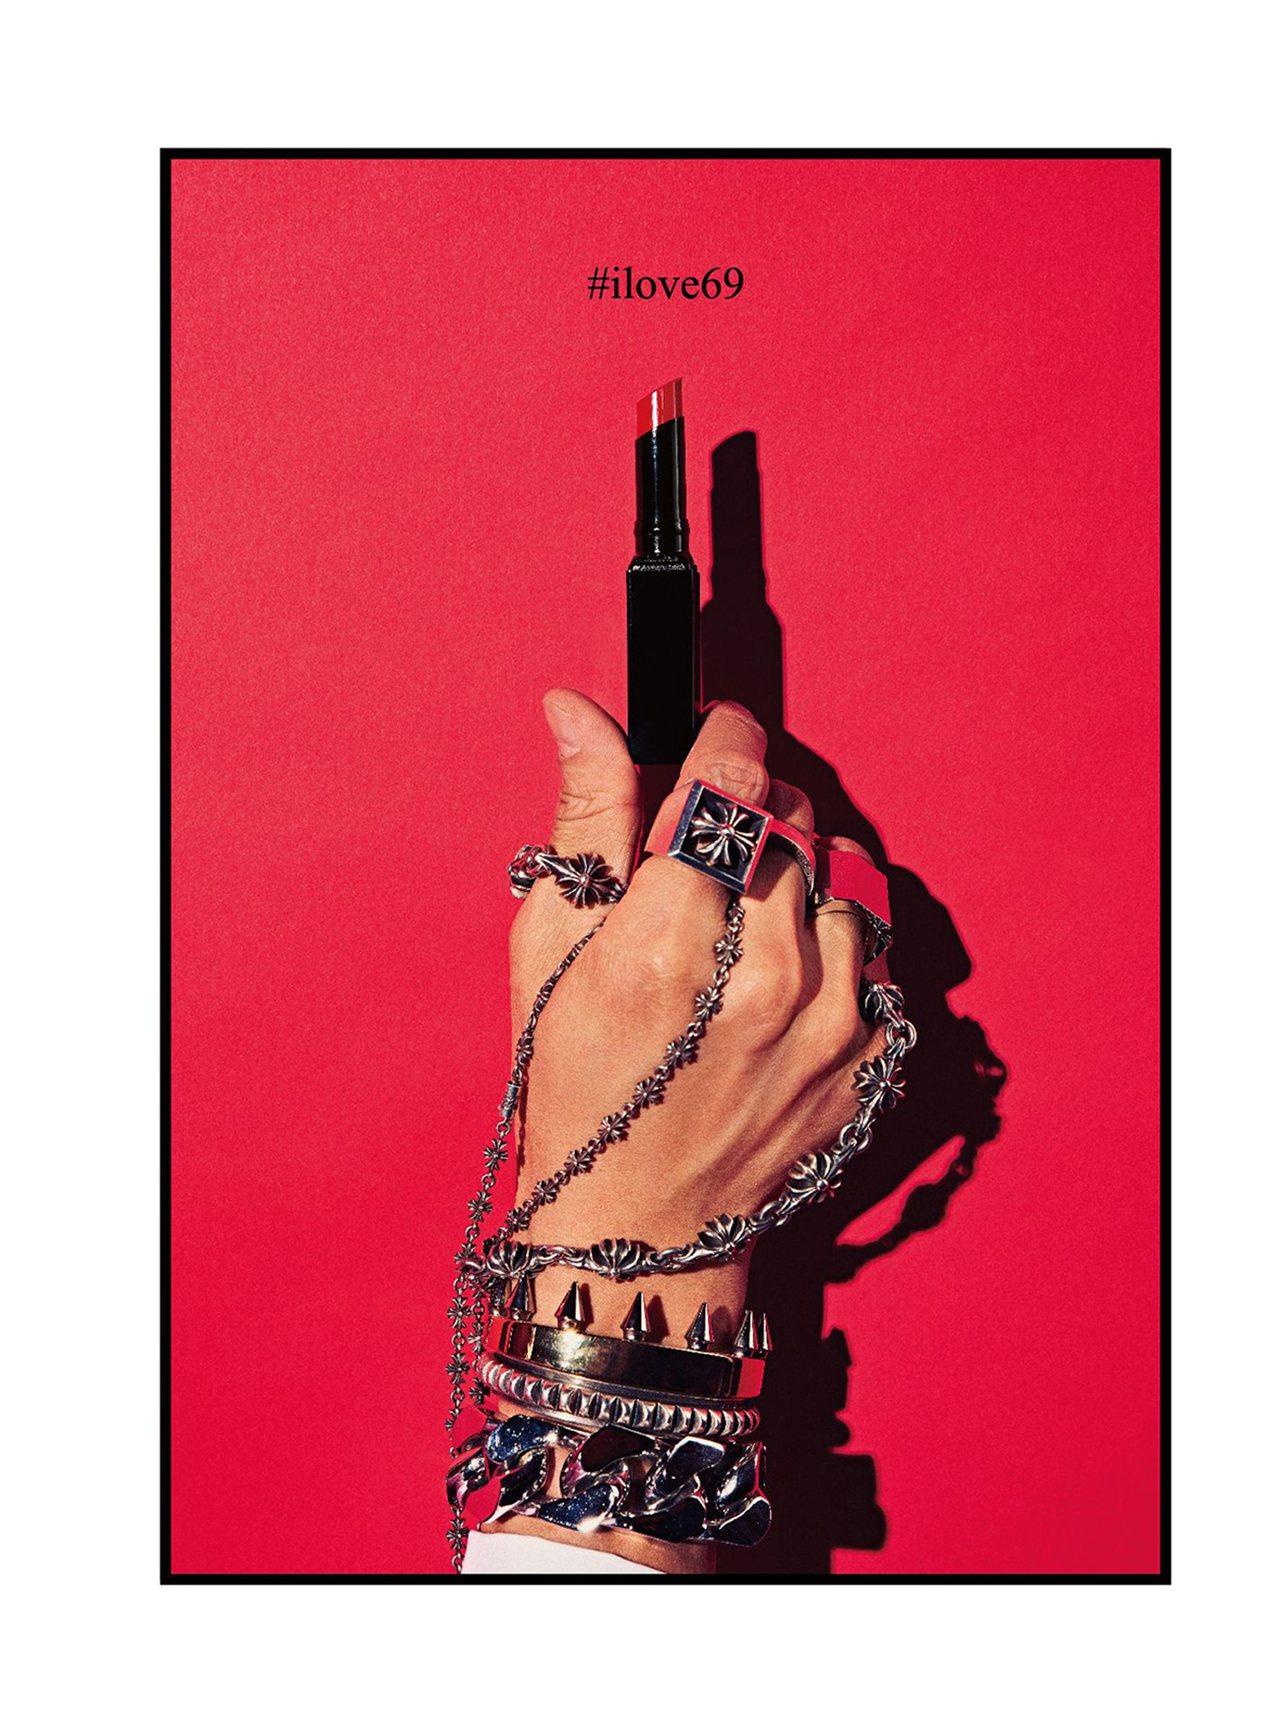 KAI DELUXE瑰蜜持色亮彩唇膏Sex #69限制級紅唇,一推出就成為榜上有...